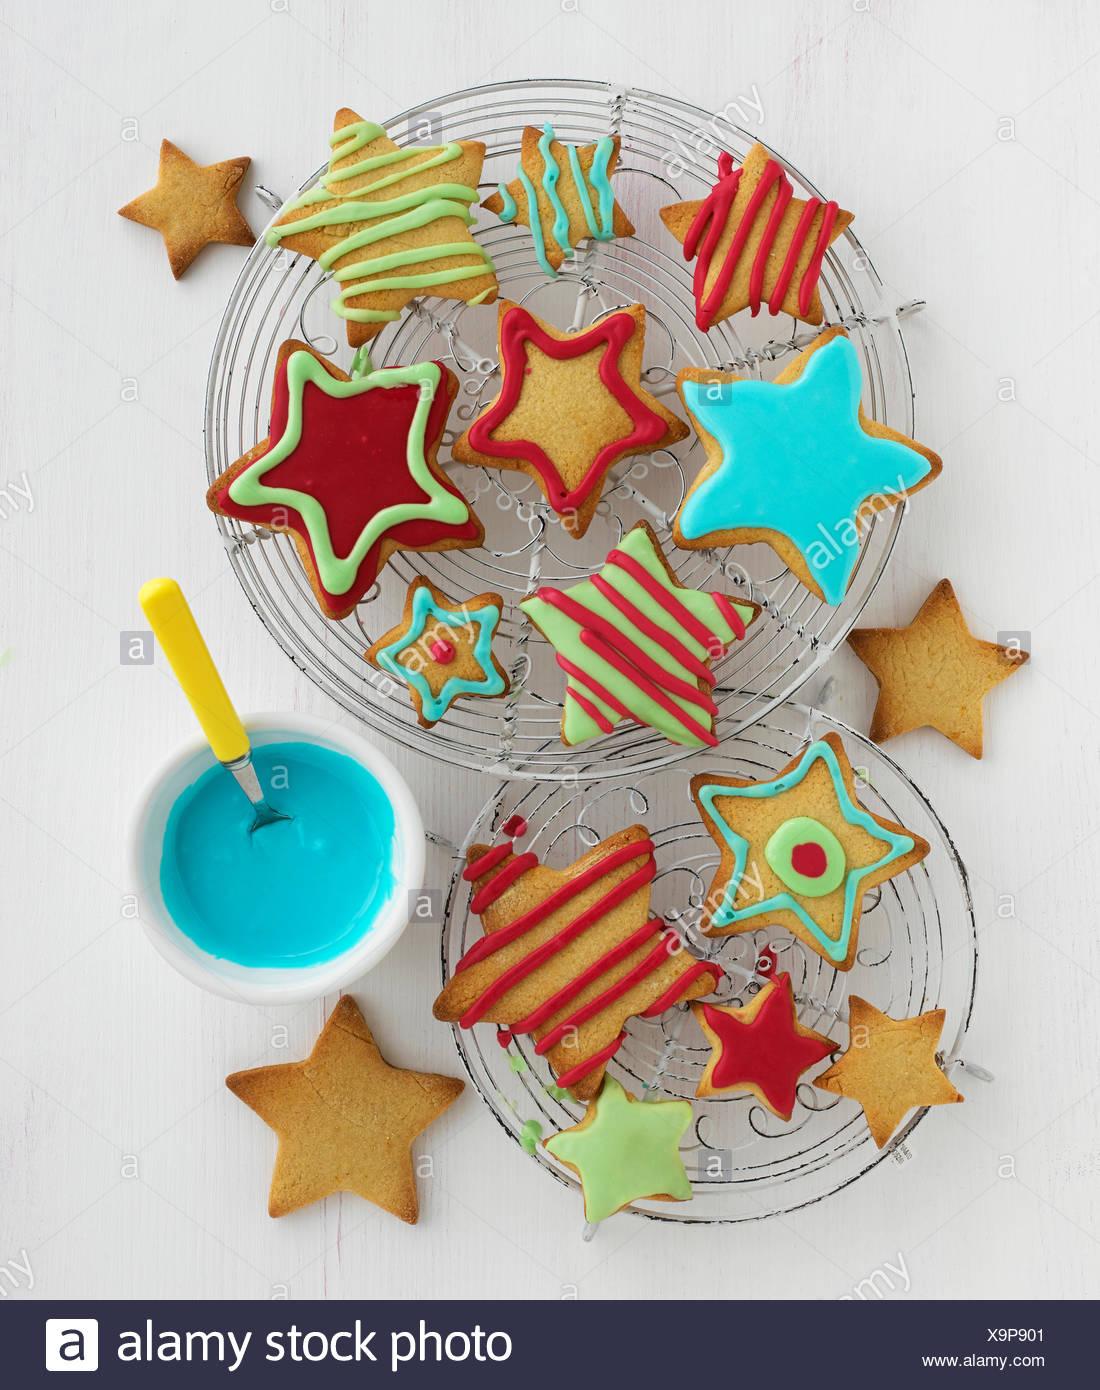 Des biscuits en forme d'étoile avec glaçage coloré Photo Stock